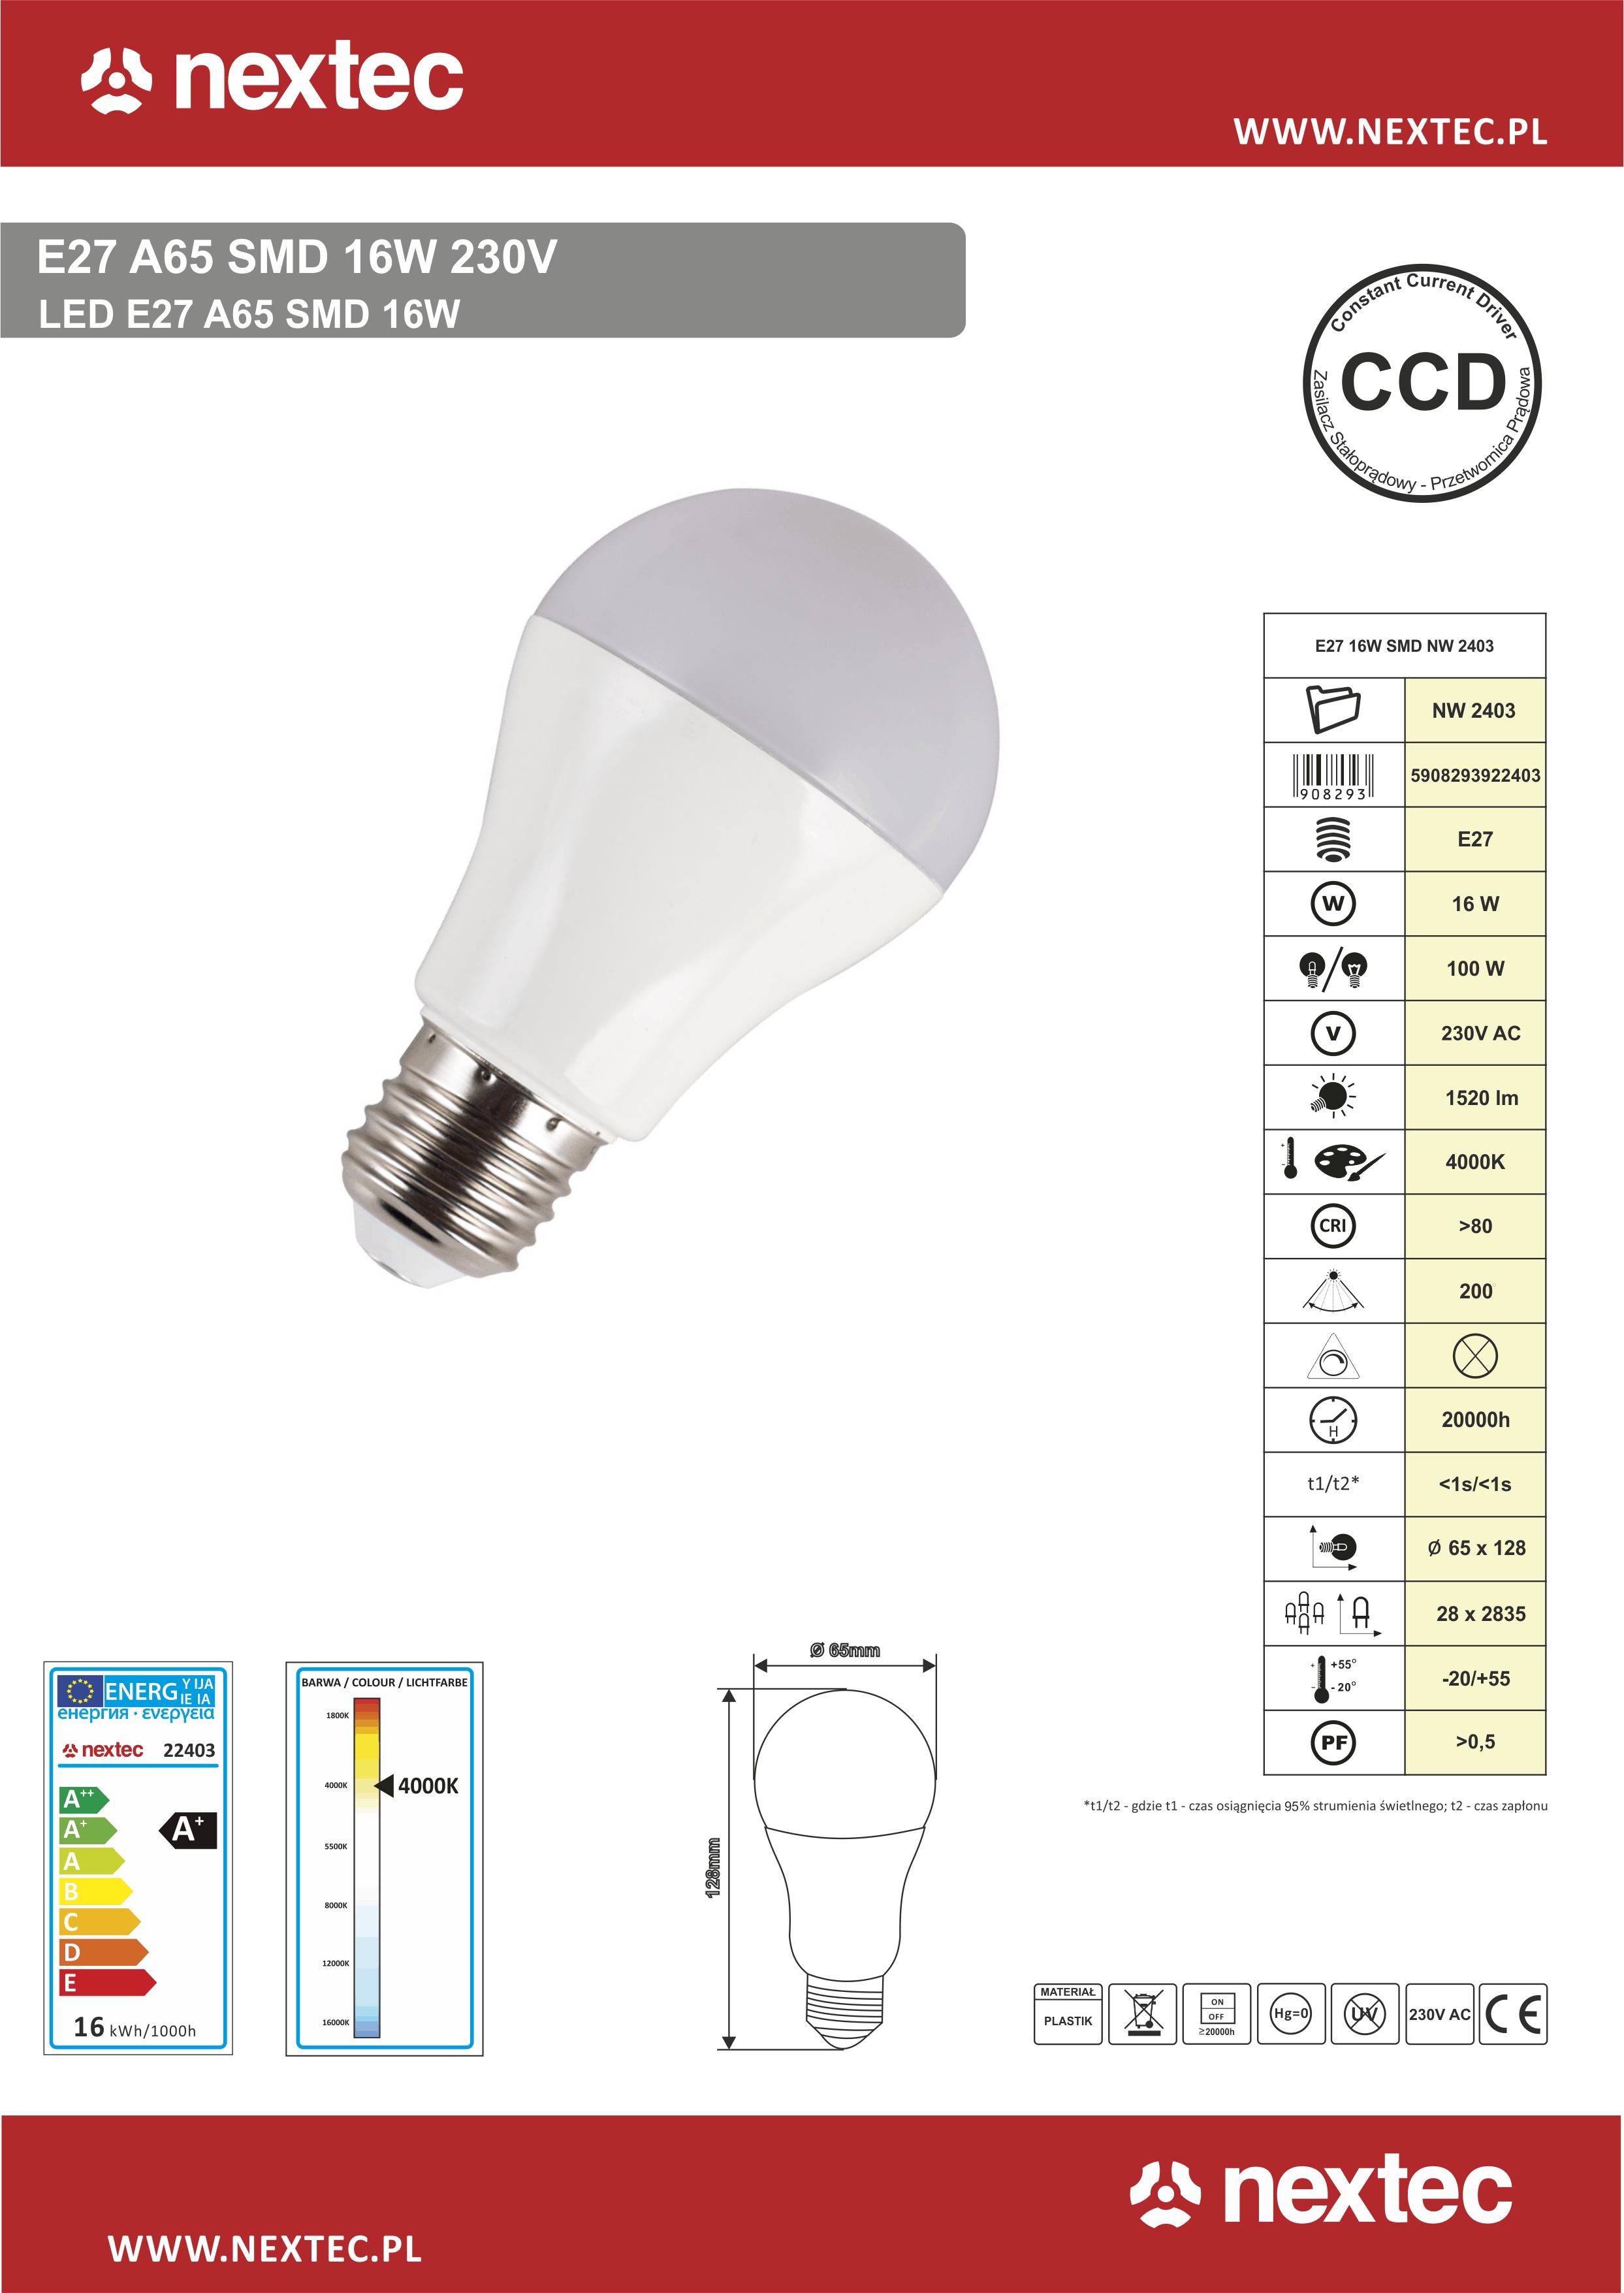 Ledlamppu E27 16W 4000K 1520lm 230V